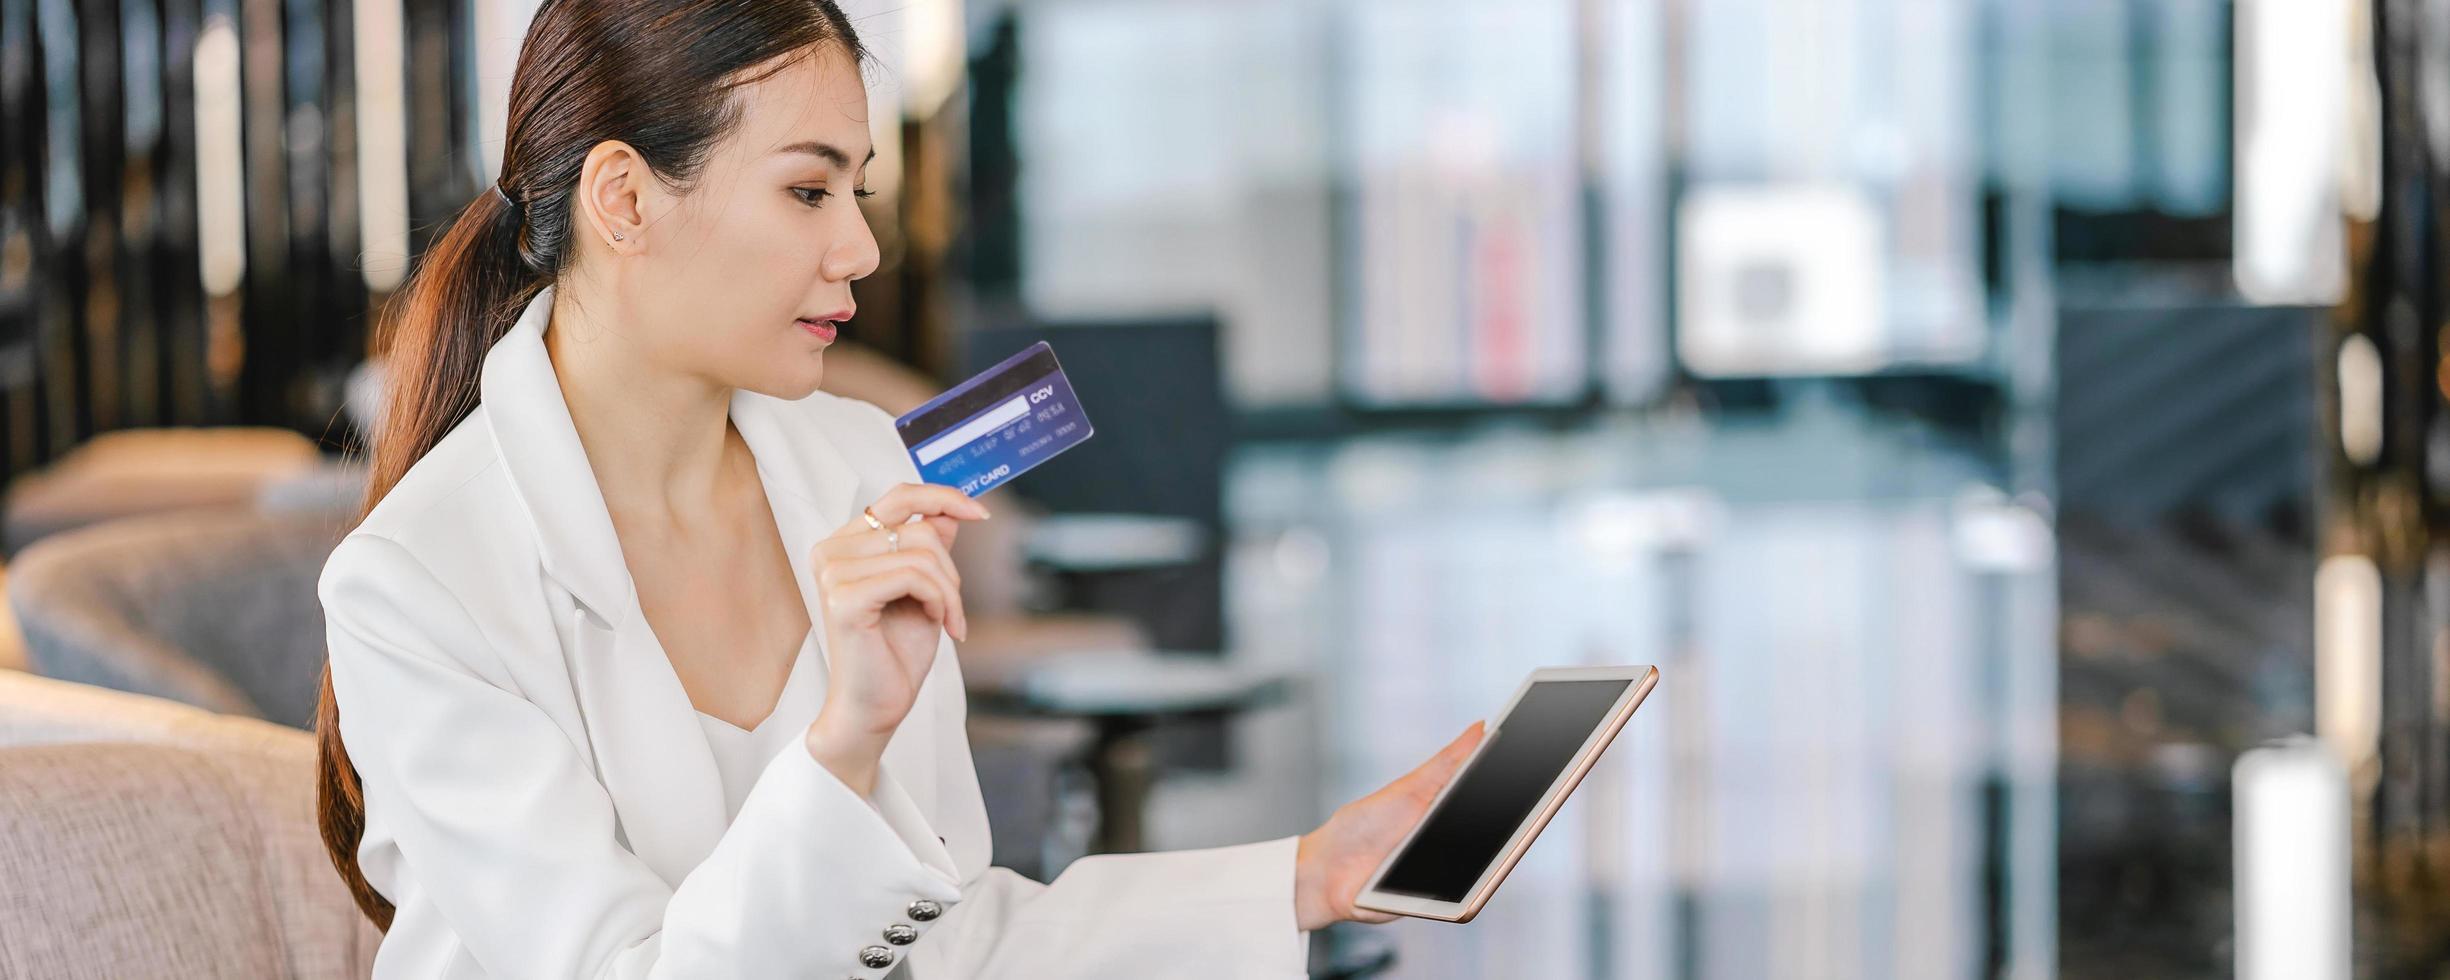 en asiatisk kvinna som använder kreditkort för online shopping i lobbyn foto